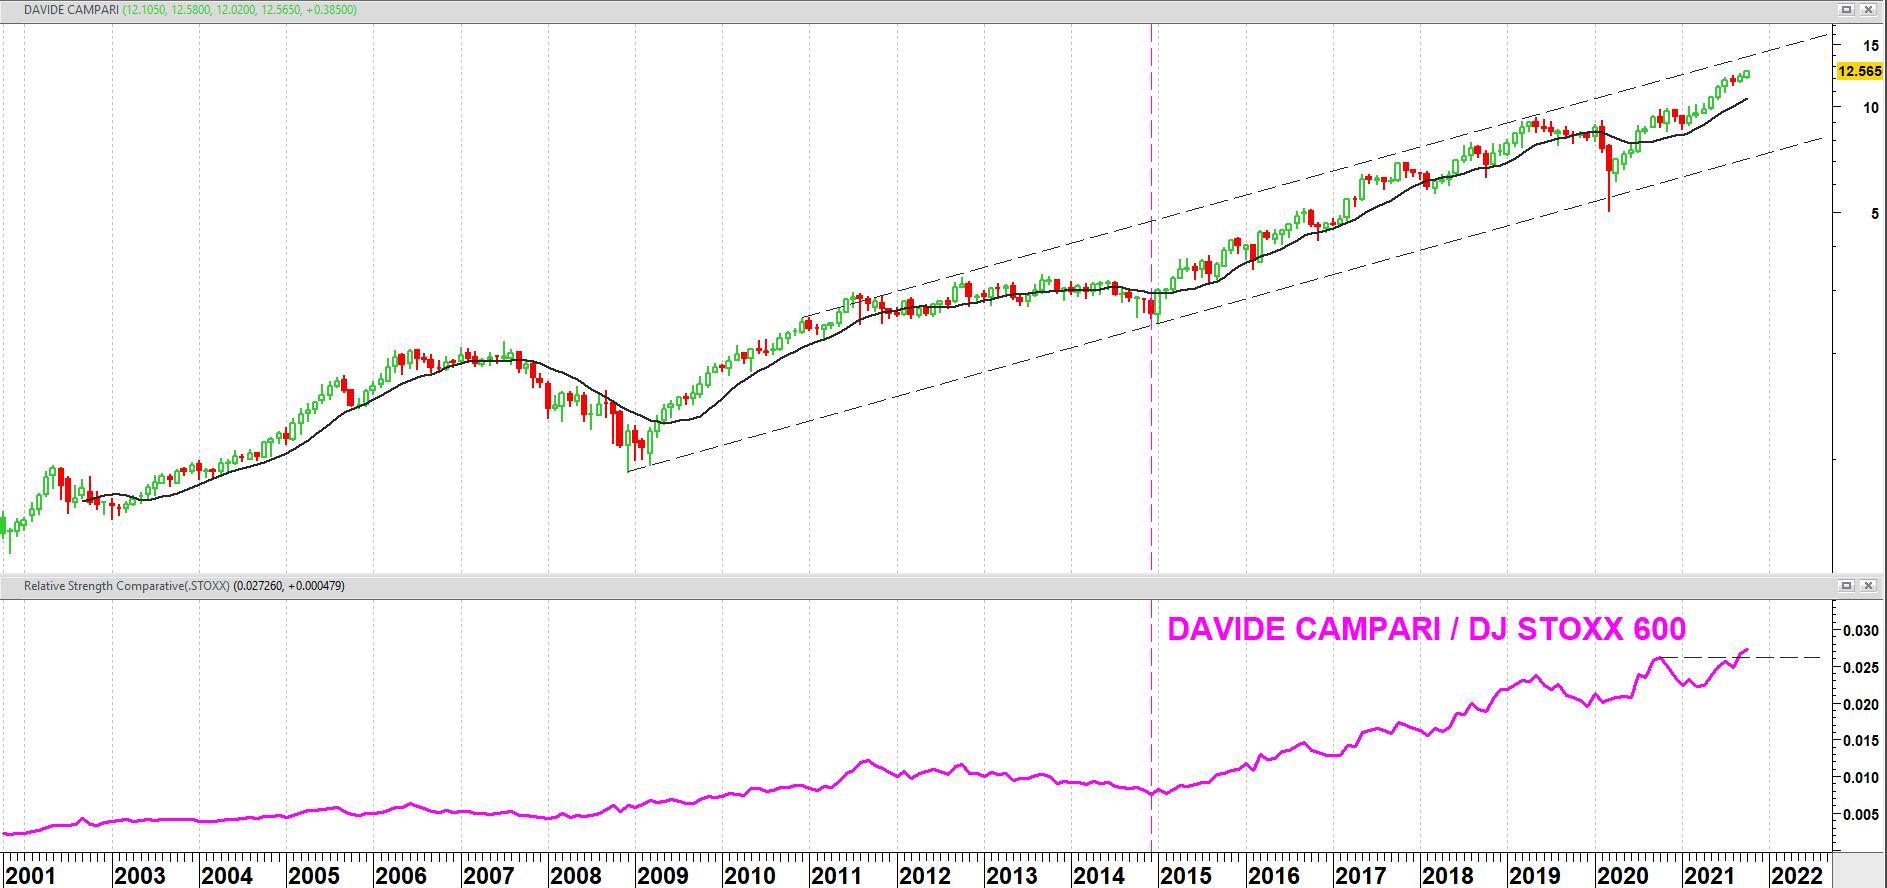 Davide Campari vanaf eind 2001 + relatieve sterkte t.o.v. Europe DJ Stoxx 600 index